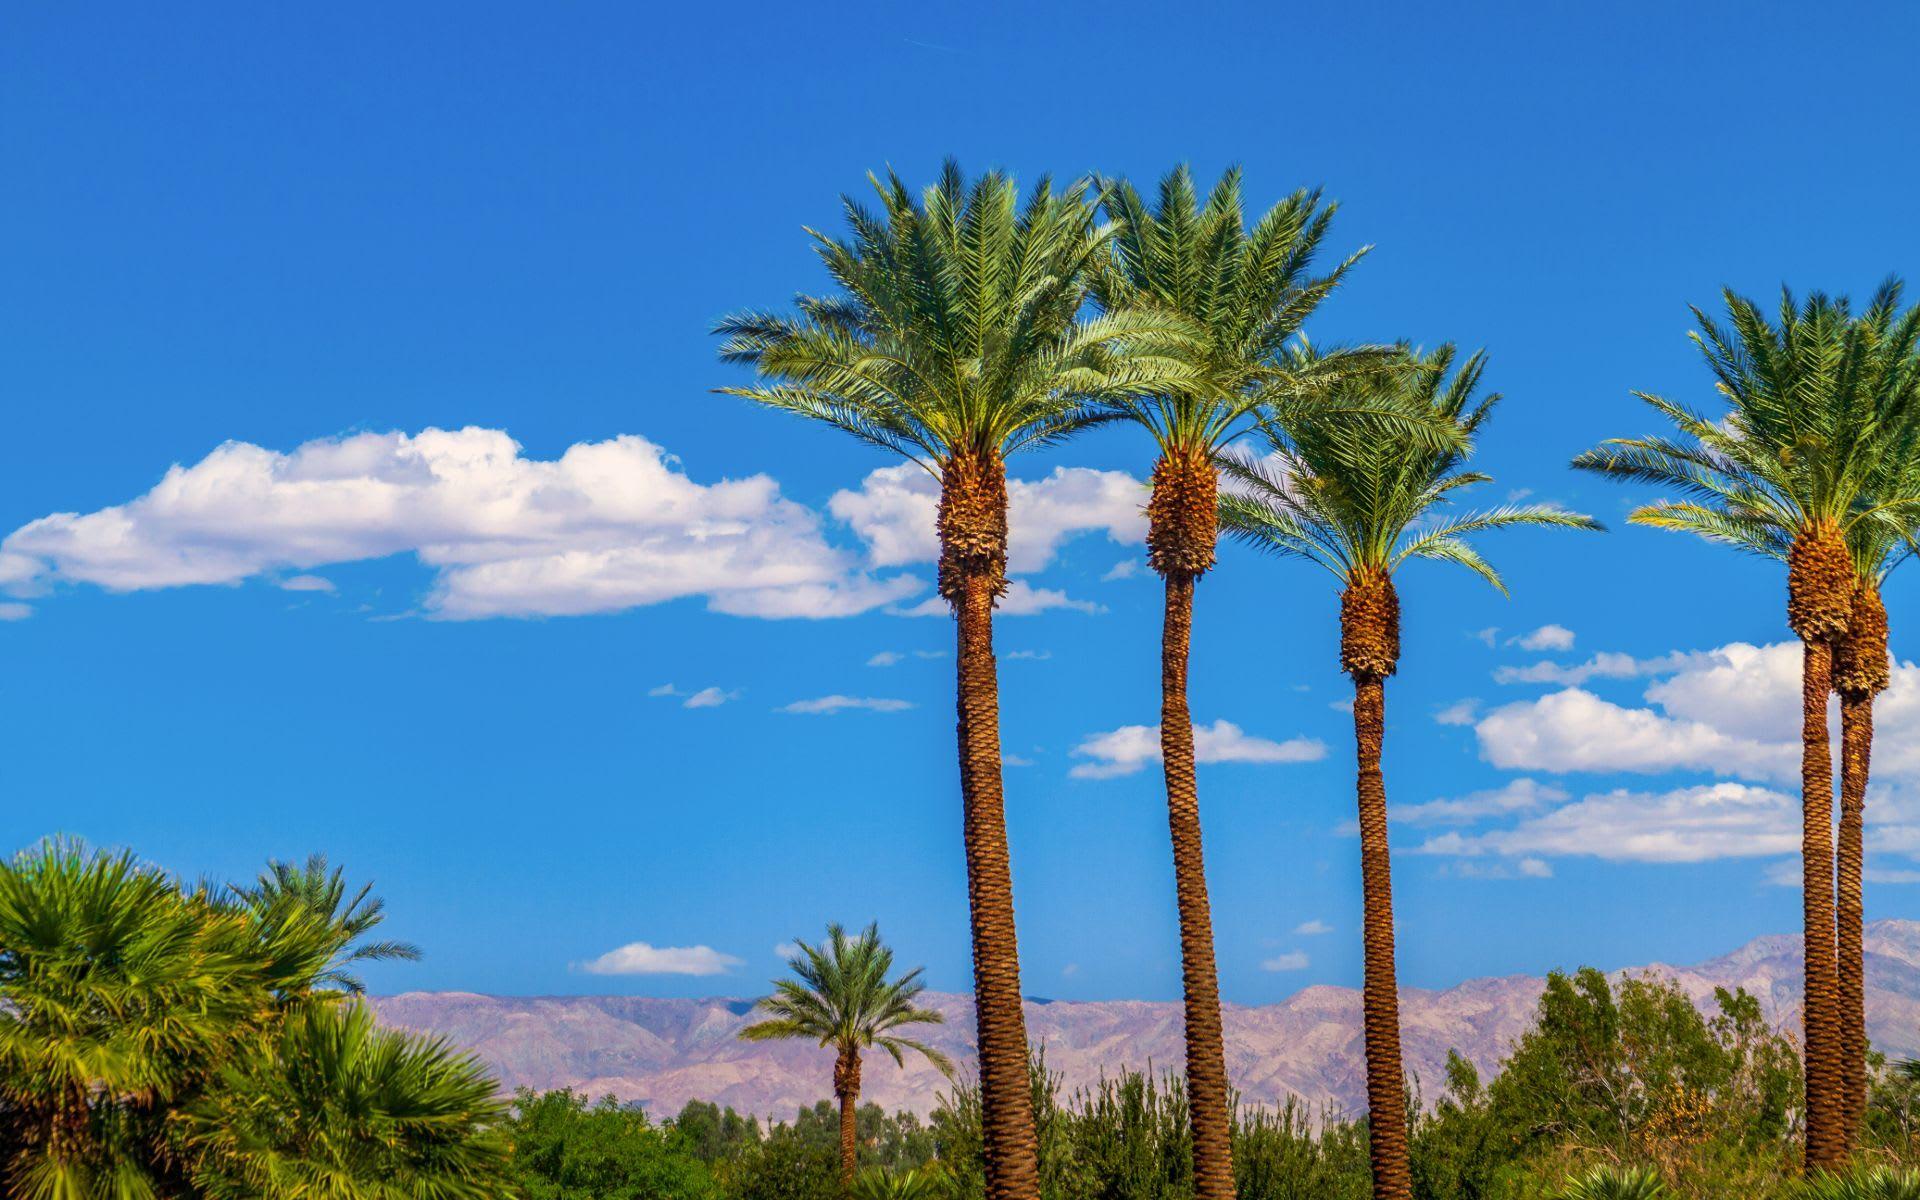 Rancho Mirage image